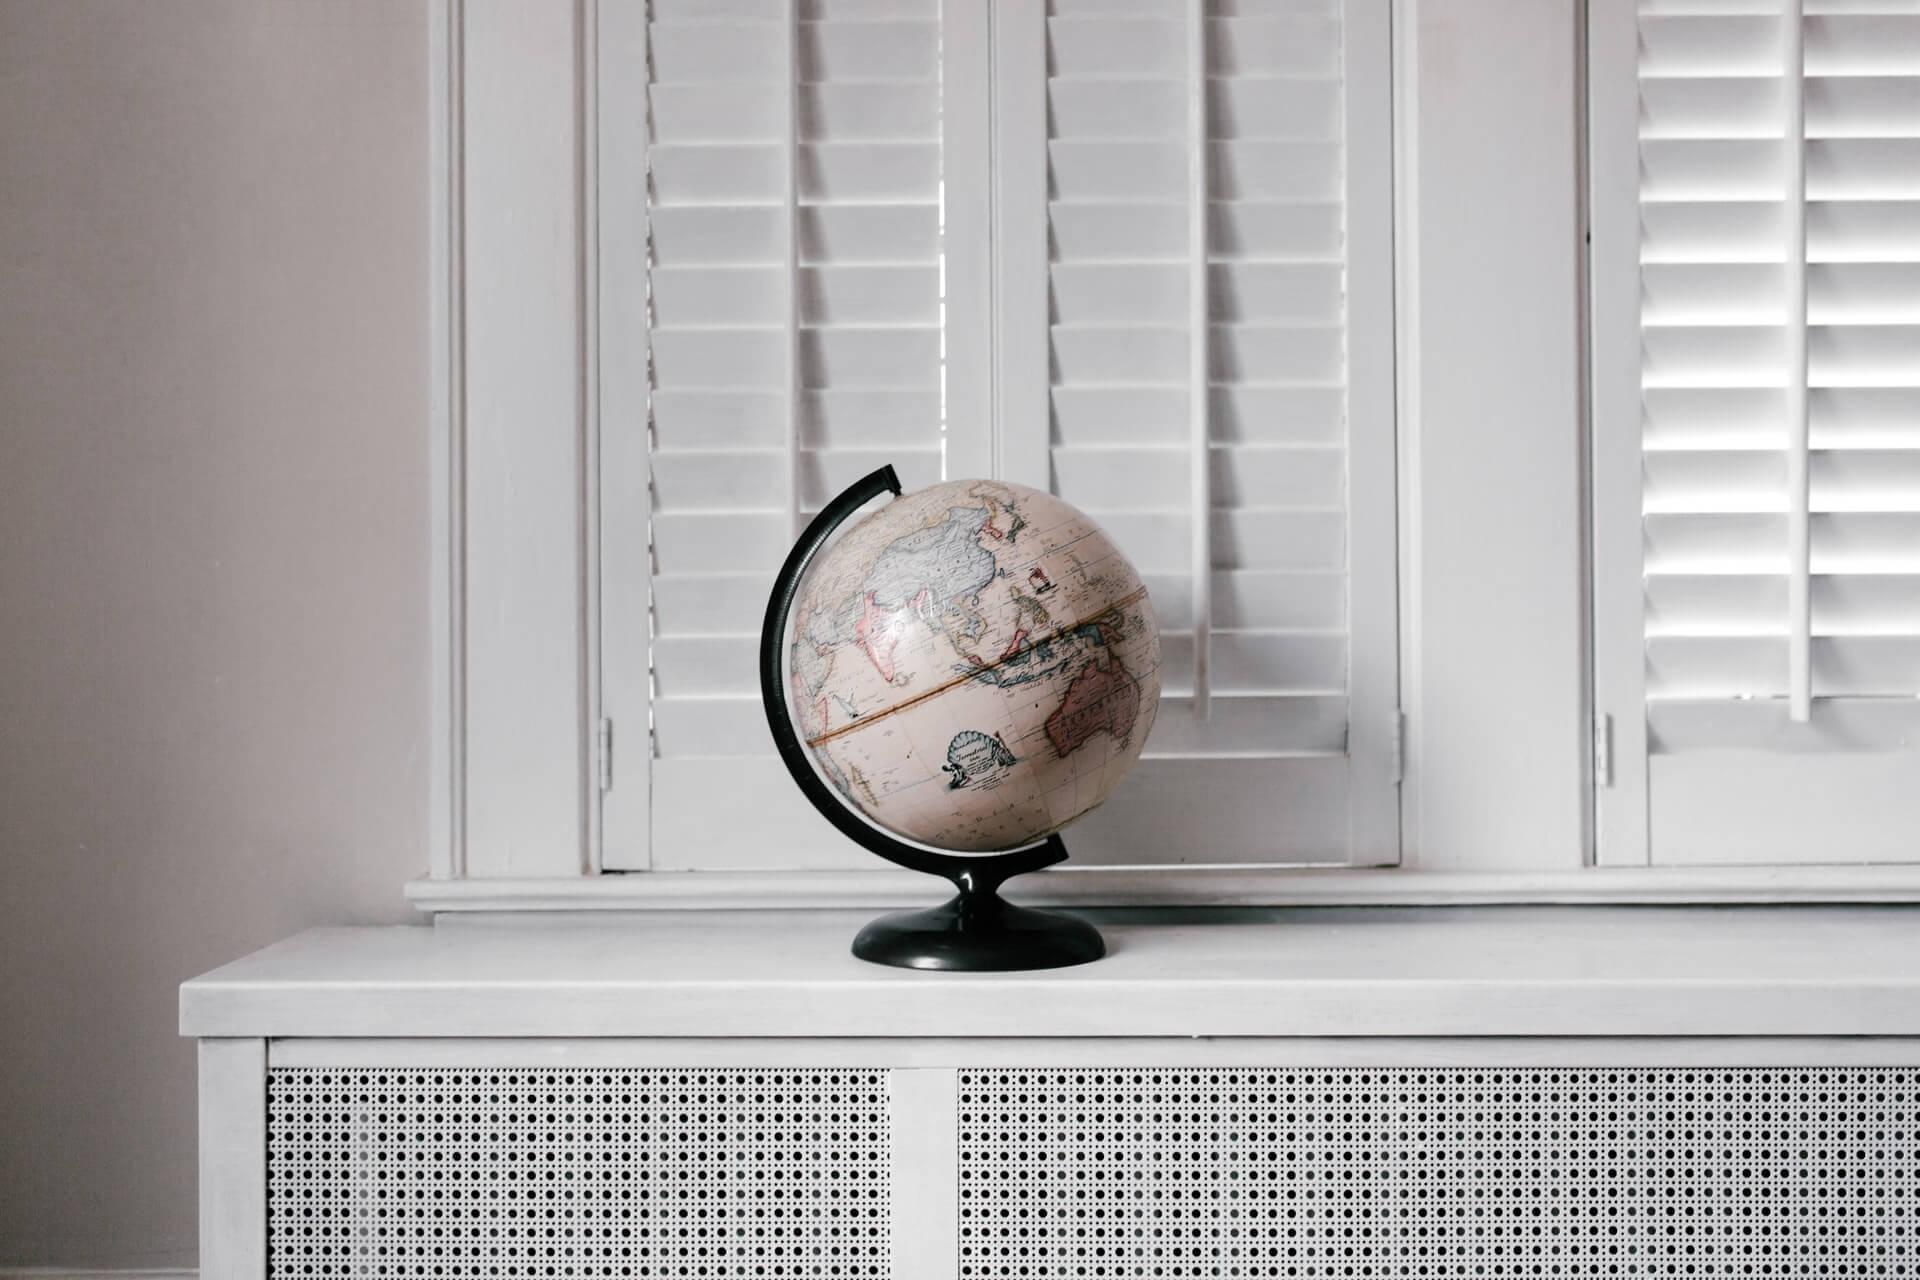 コロナ禍における海外富裕層の動き 何を検討&準備しているか?